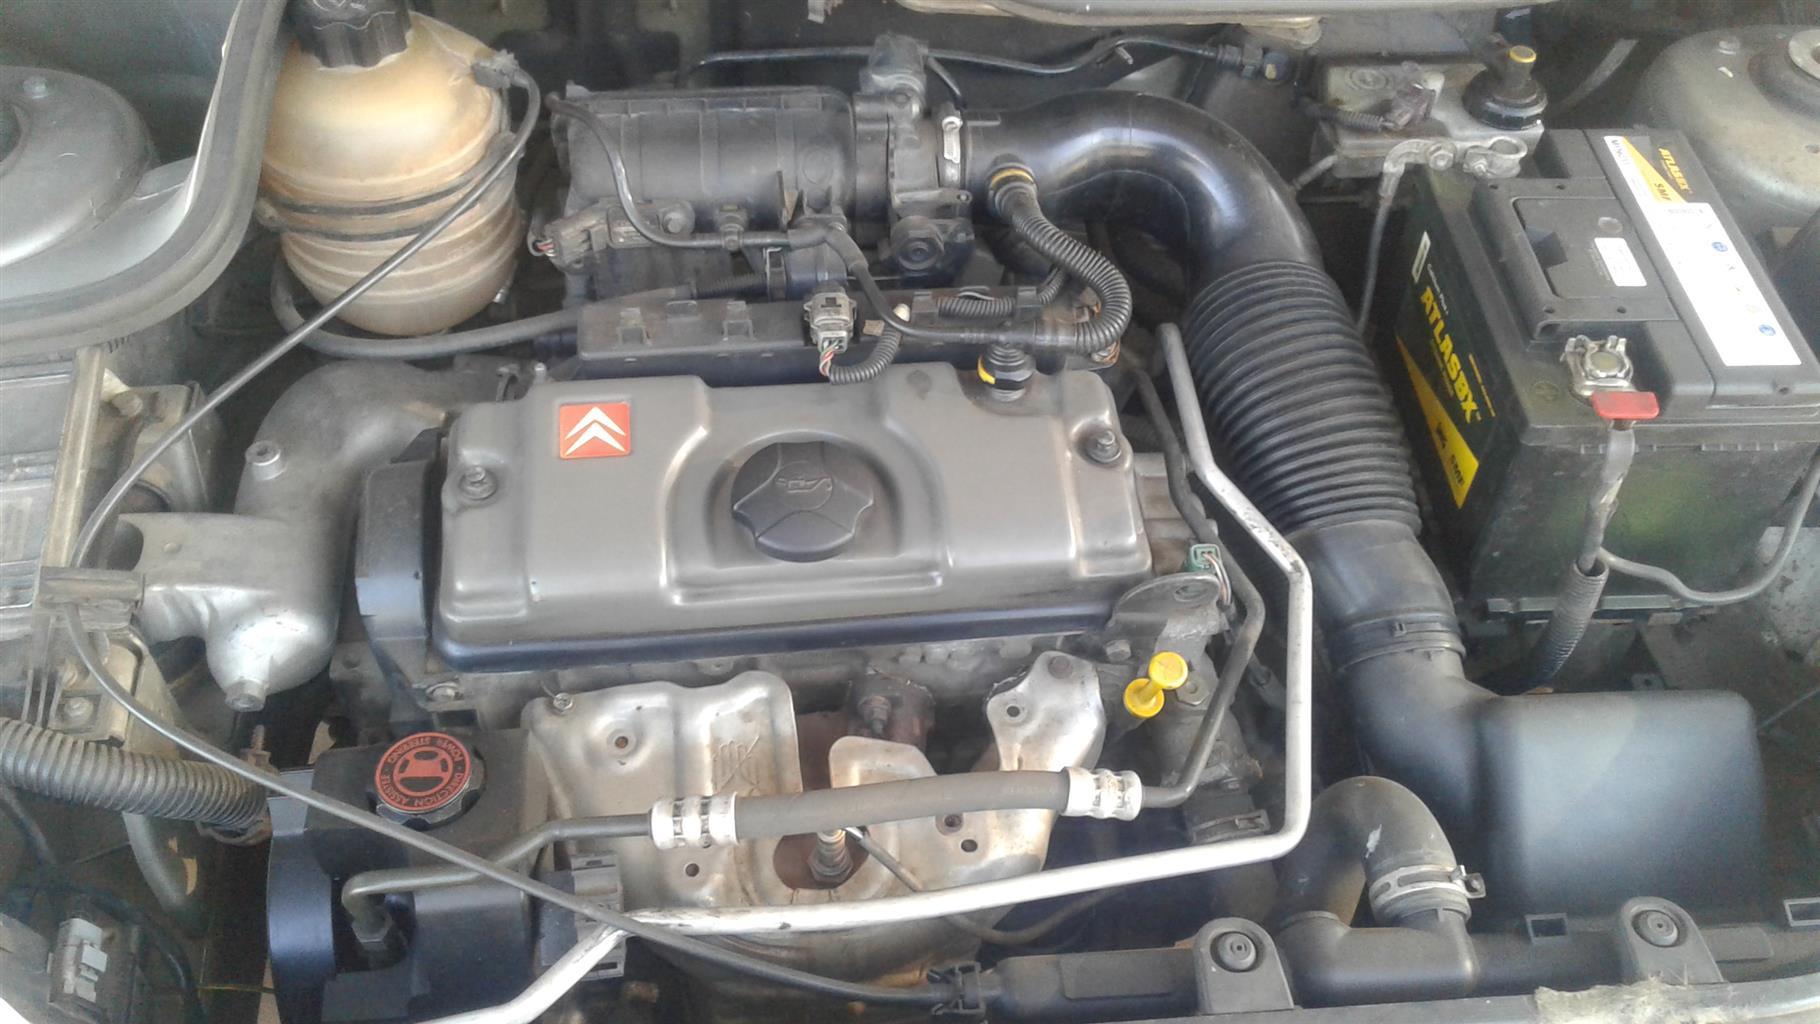 2005 Peugeot 206 1.4 3 door PopArt